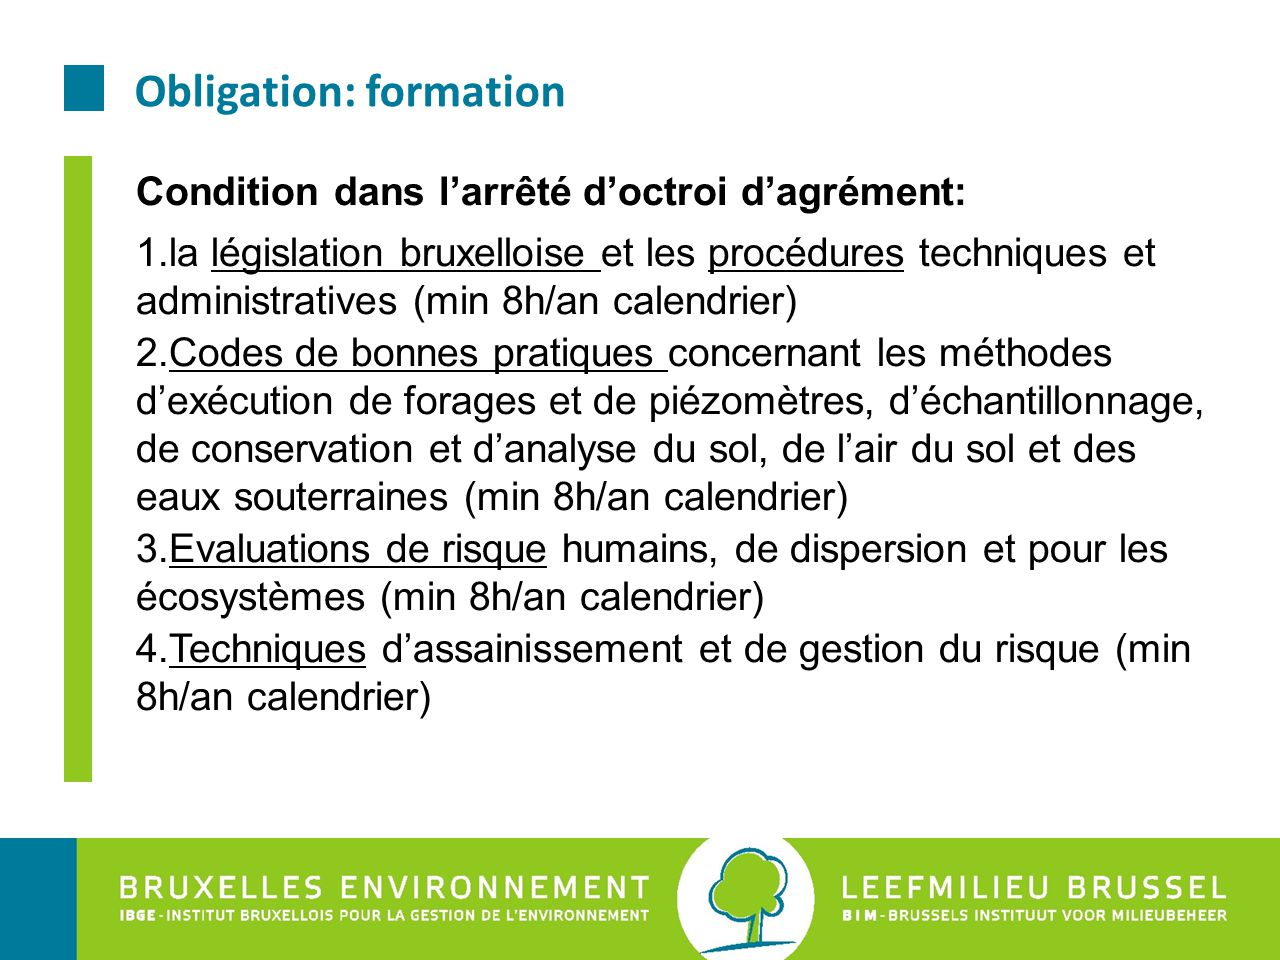 Obligation: formation Condition dans l'arrêté d'octroi d'agrément: 1.la législation bruxelloise et les procédures techniques et administratives (min 8